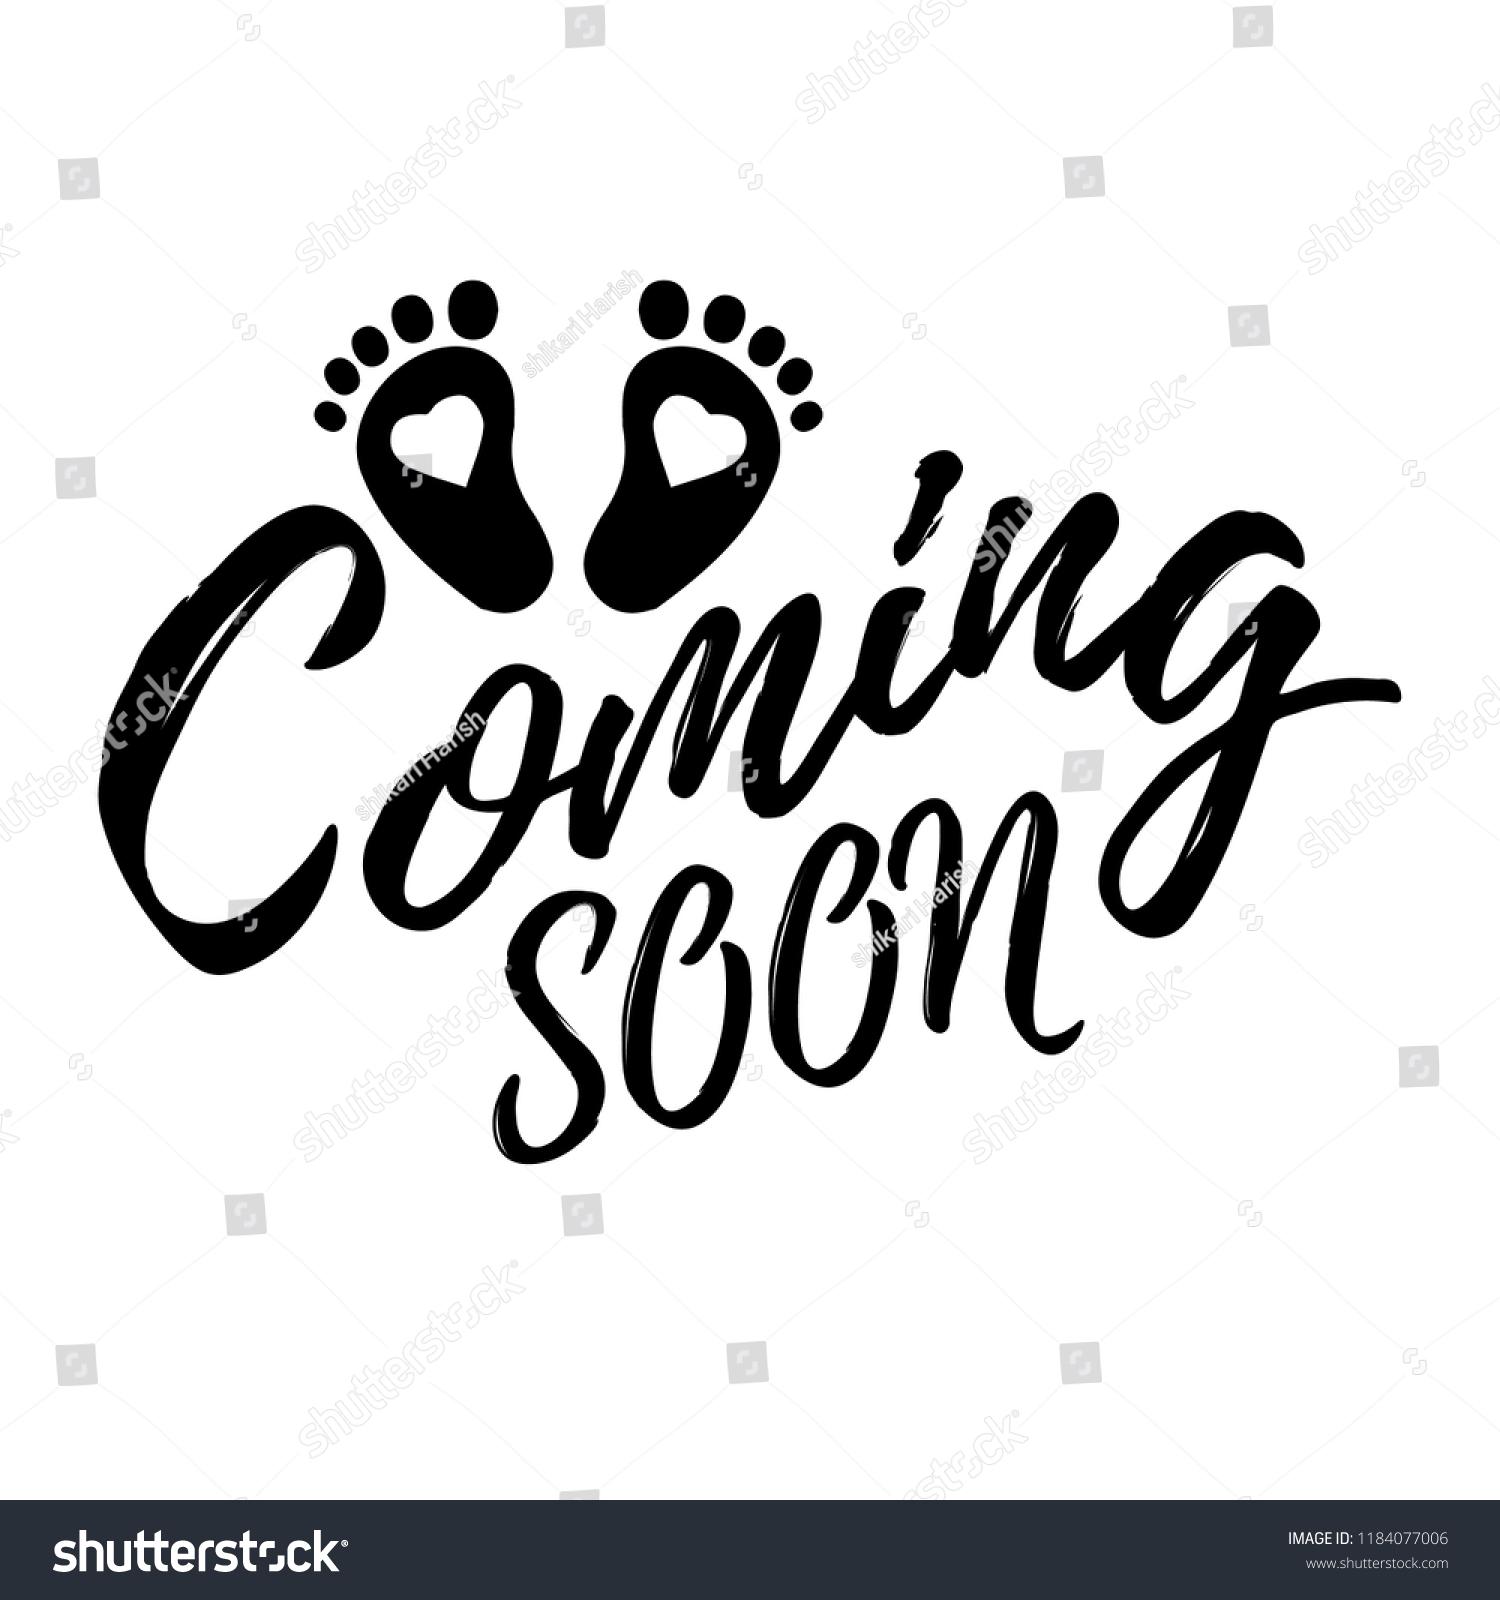 Vetor Stock De Baby Coming Soon Vector Text Livre De Direitos 1184077006